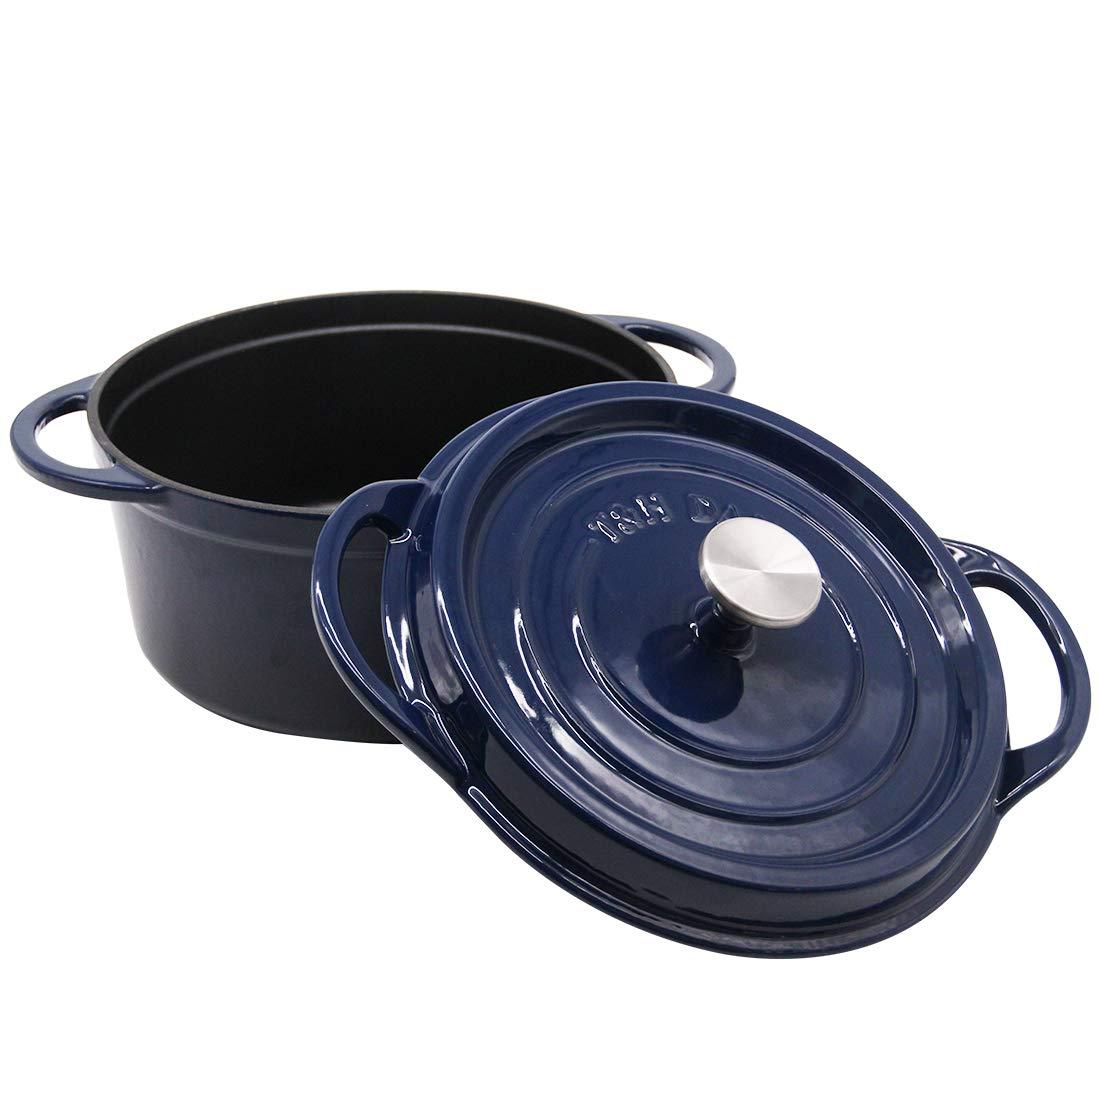 Cast Iron Dutch Oven Enameled Casserole Pot with Lid Ceramic Cookware 6 Quart Navy T&H Danc